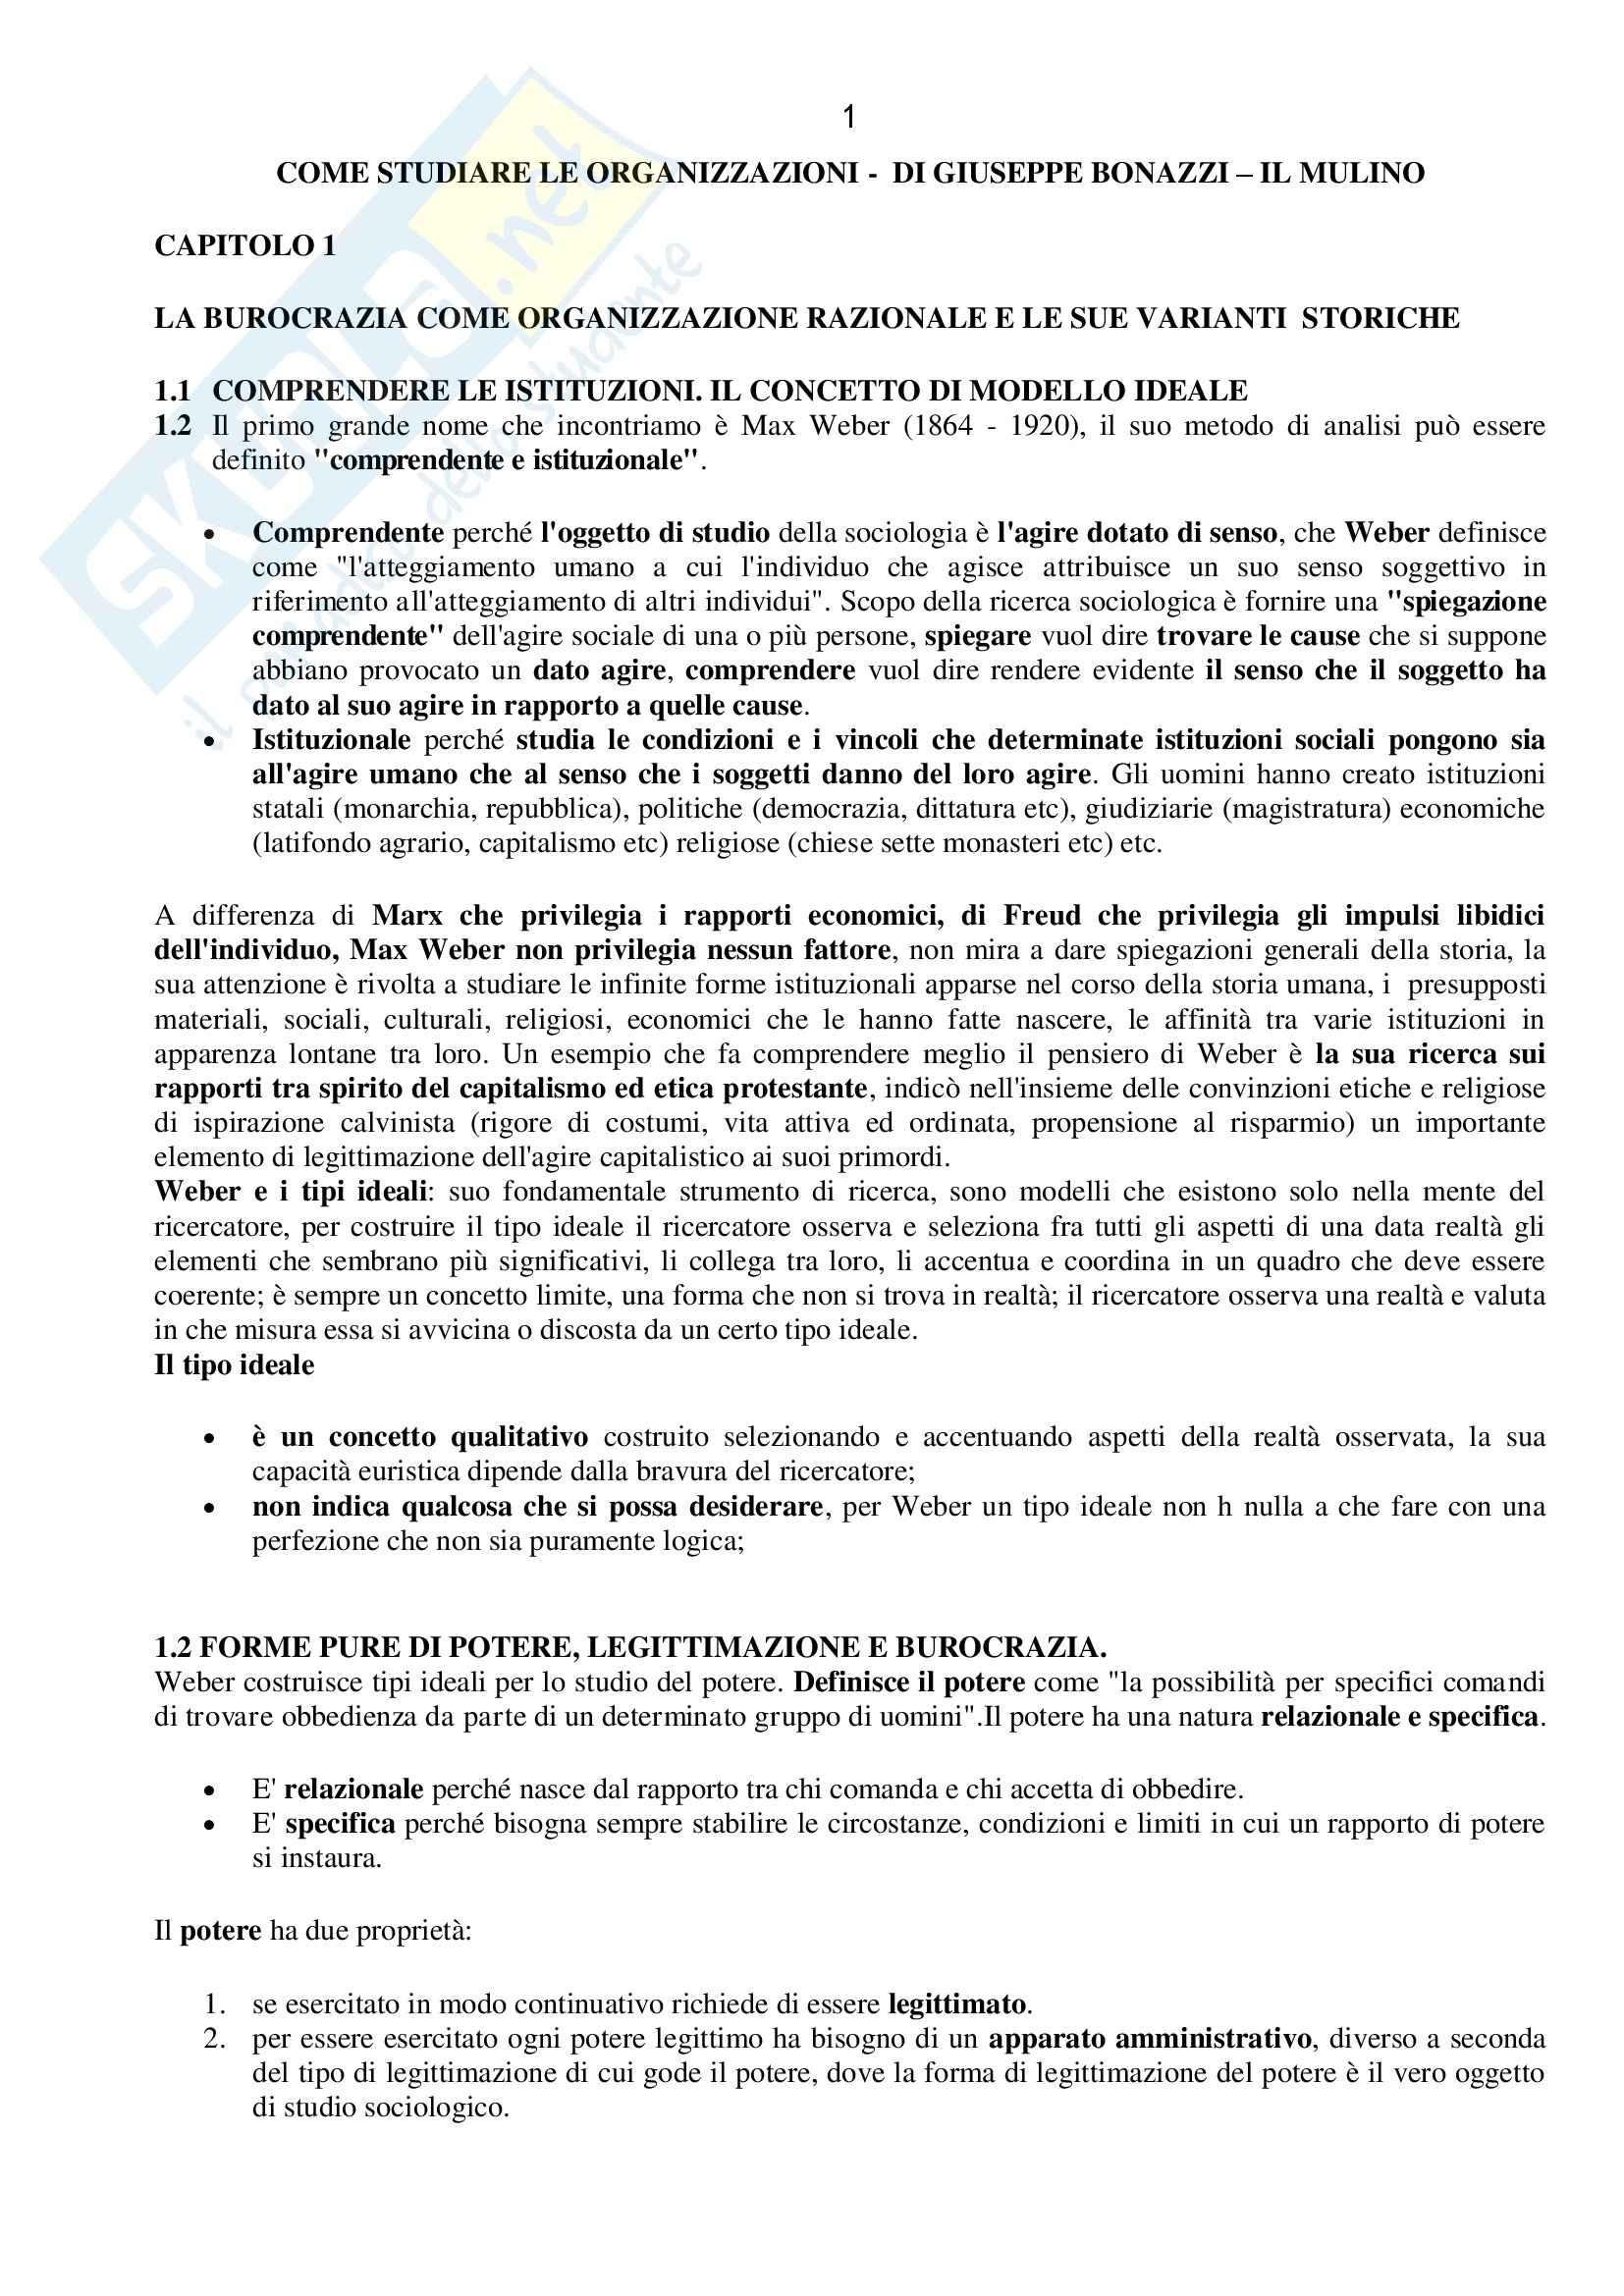 Sociologia dell'organizzazione - Appunti